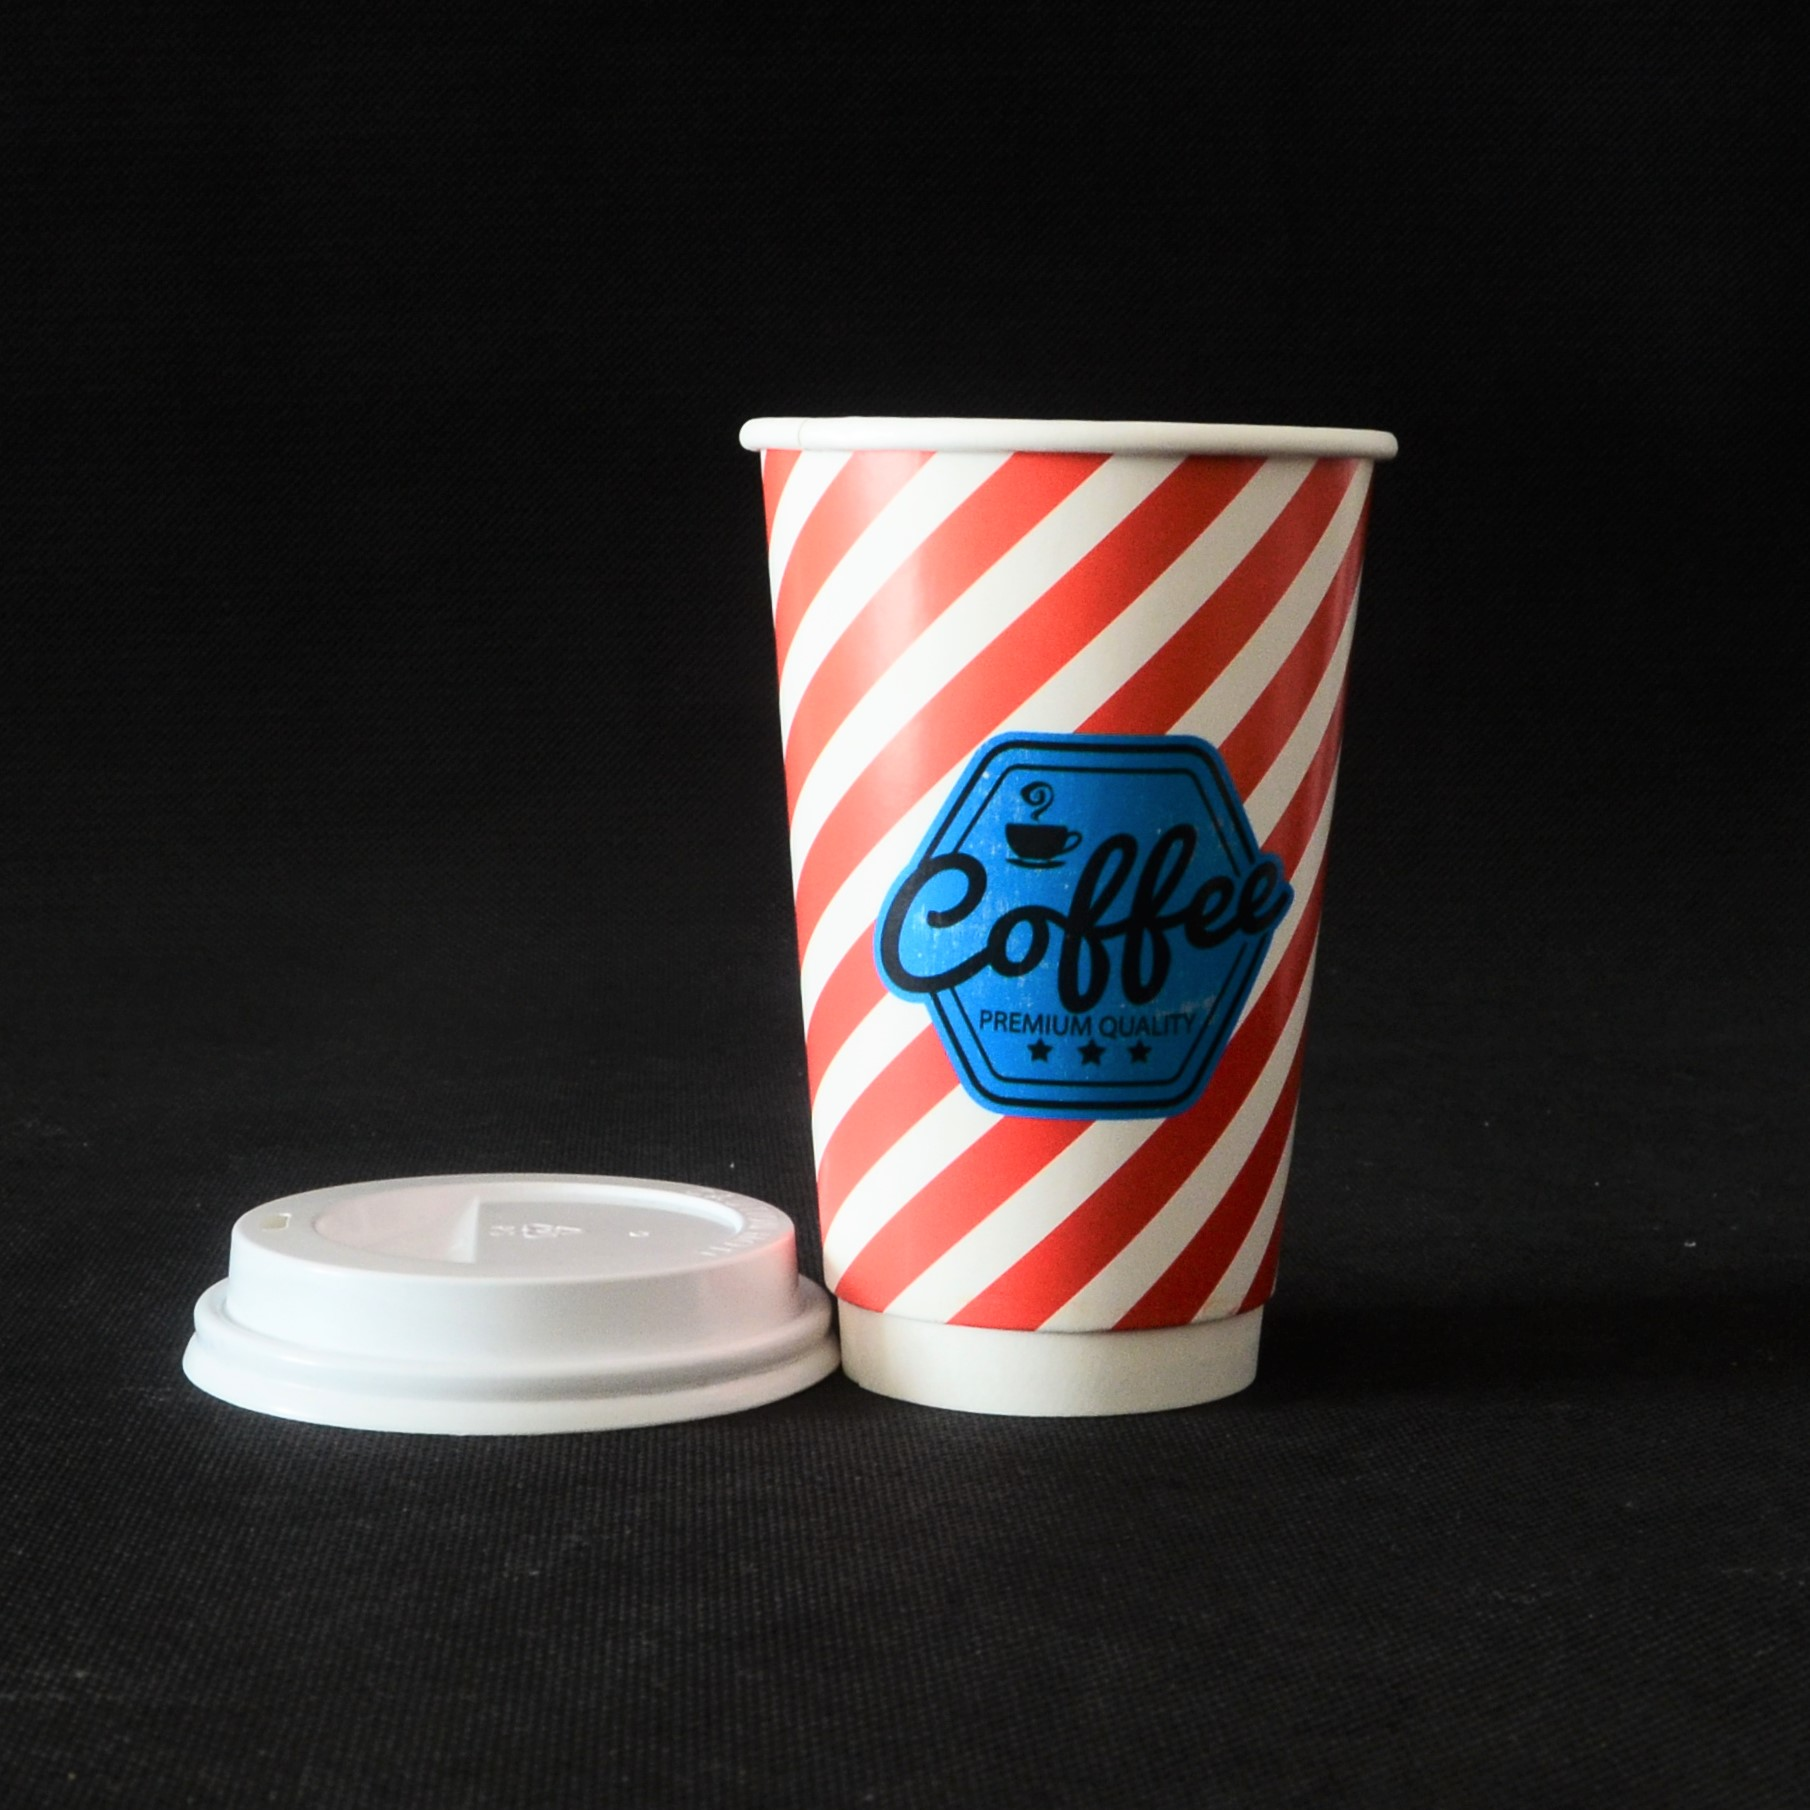 2017 de lujo fabricante bebida caliente logotipo personalizado impreso papel desechable de doble pared tazas de café y tapas